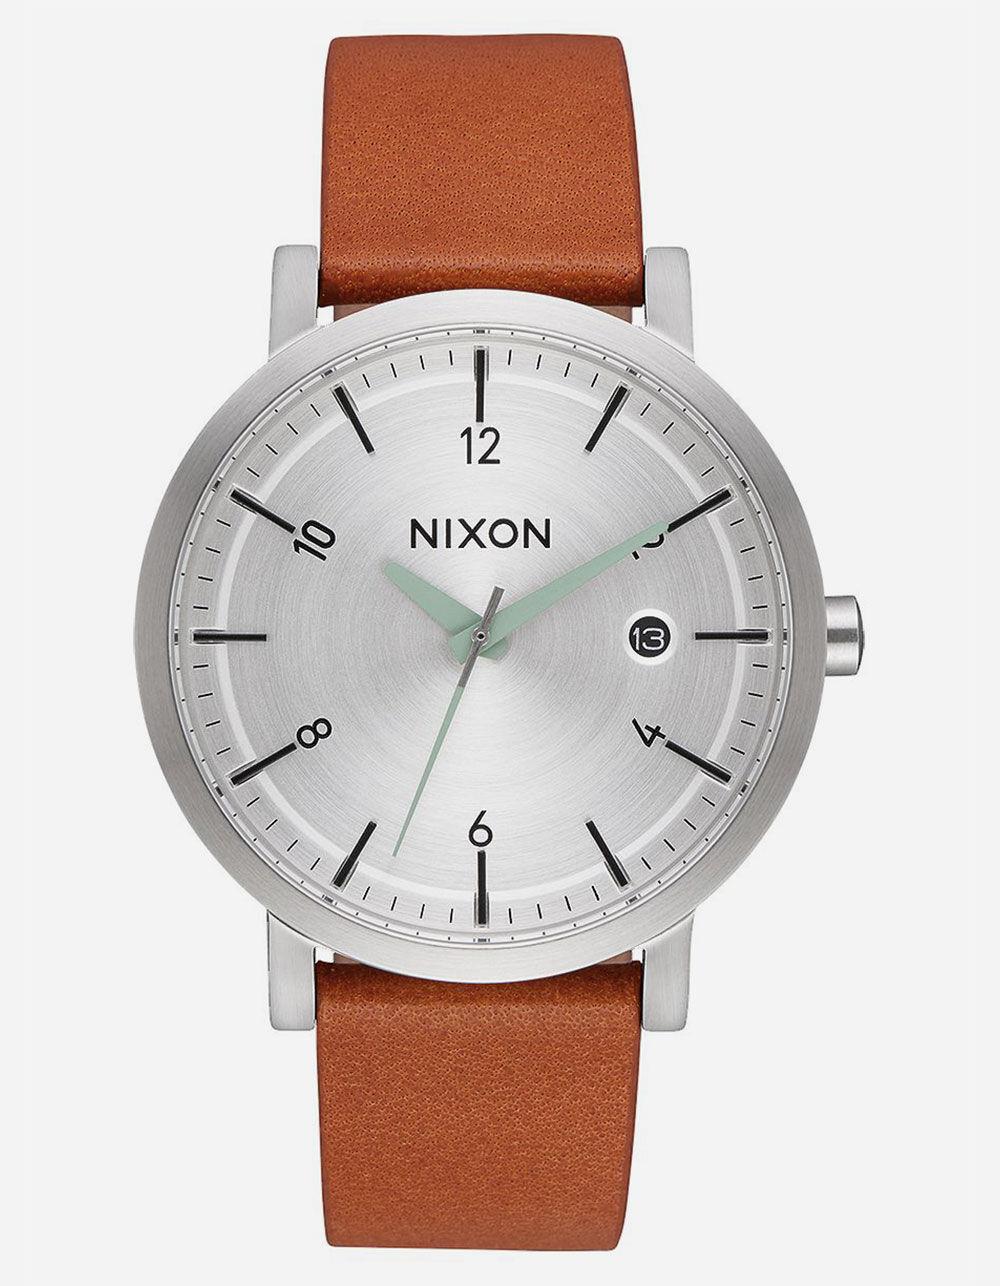 NIXON Daily Driver Rollo 38 Silver & Tan Watch